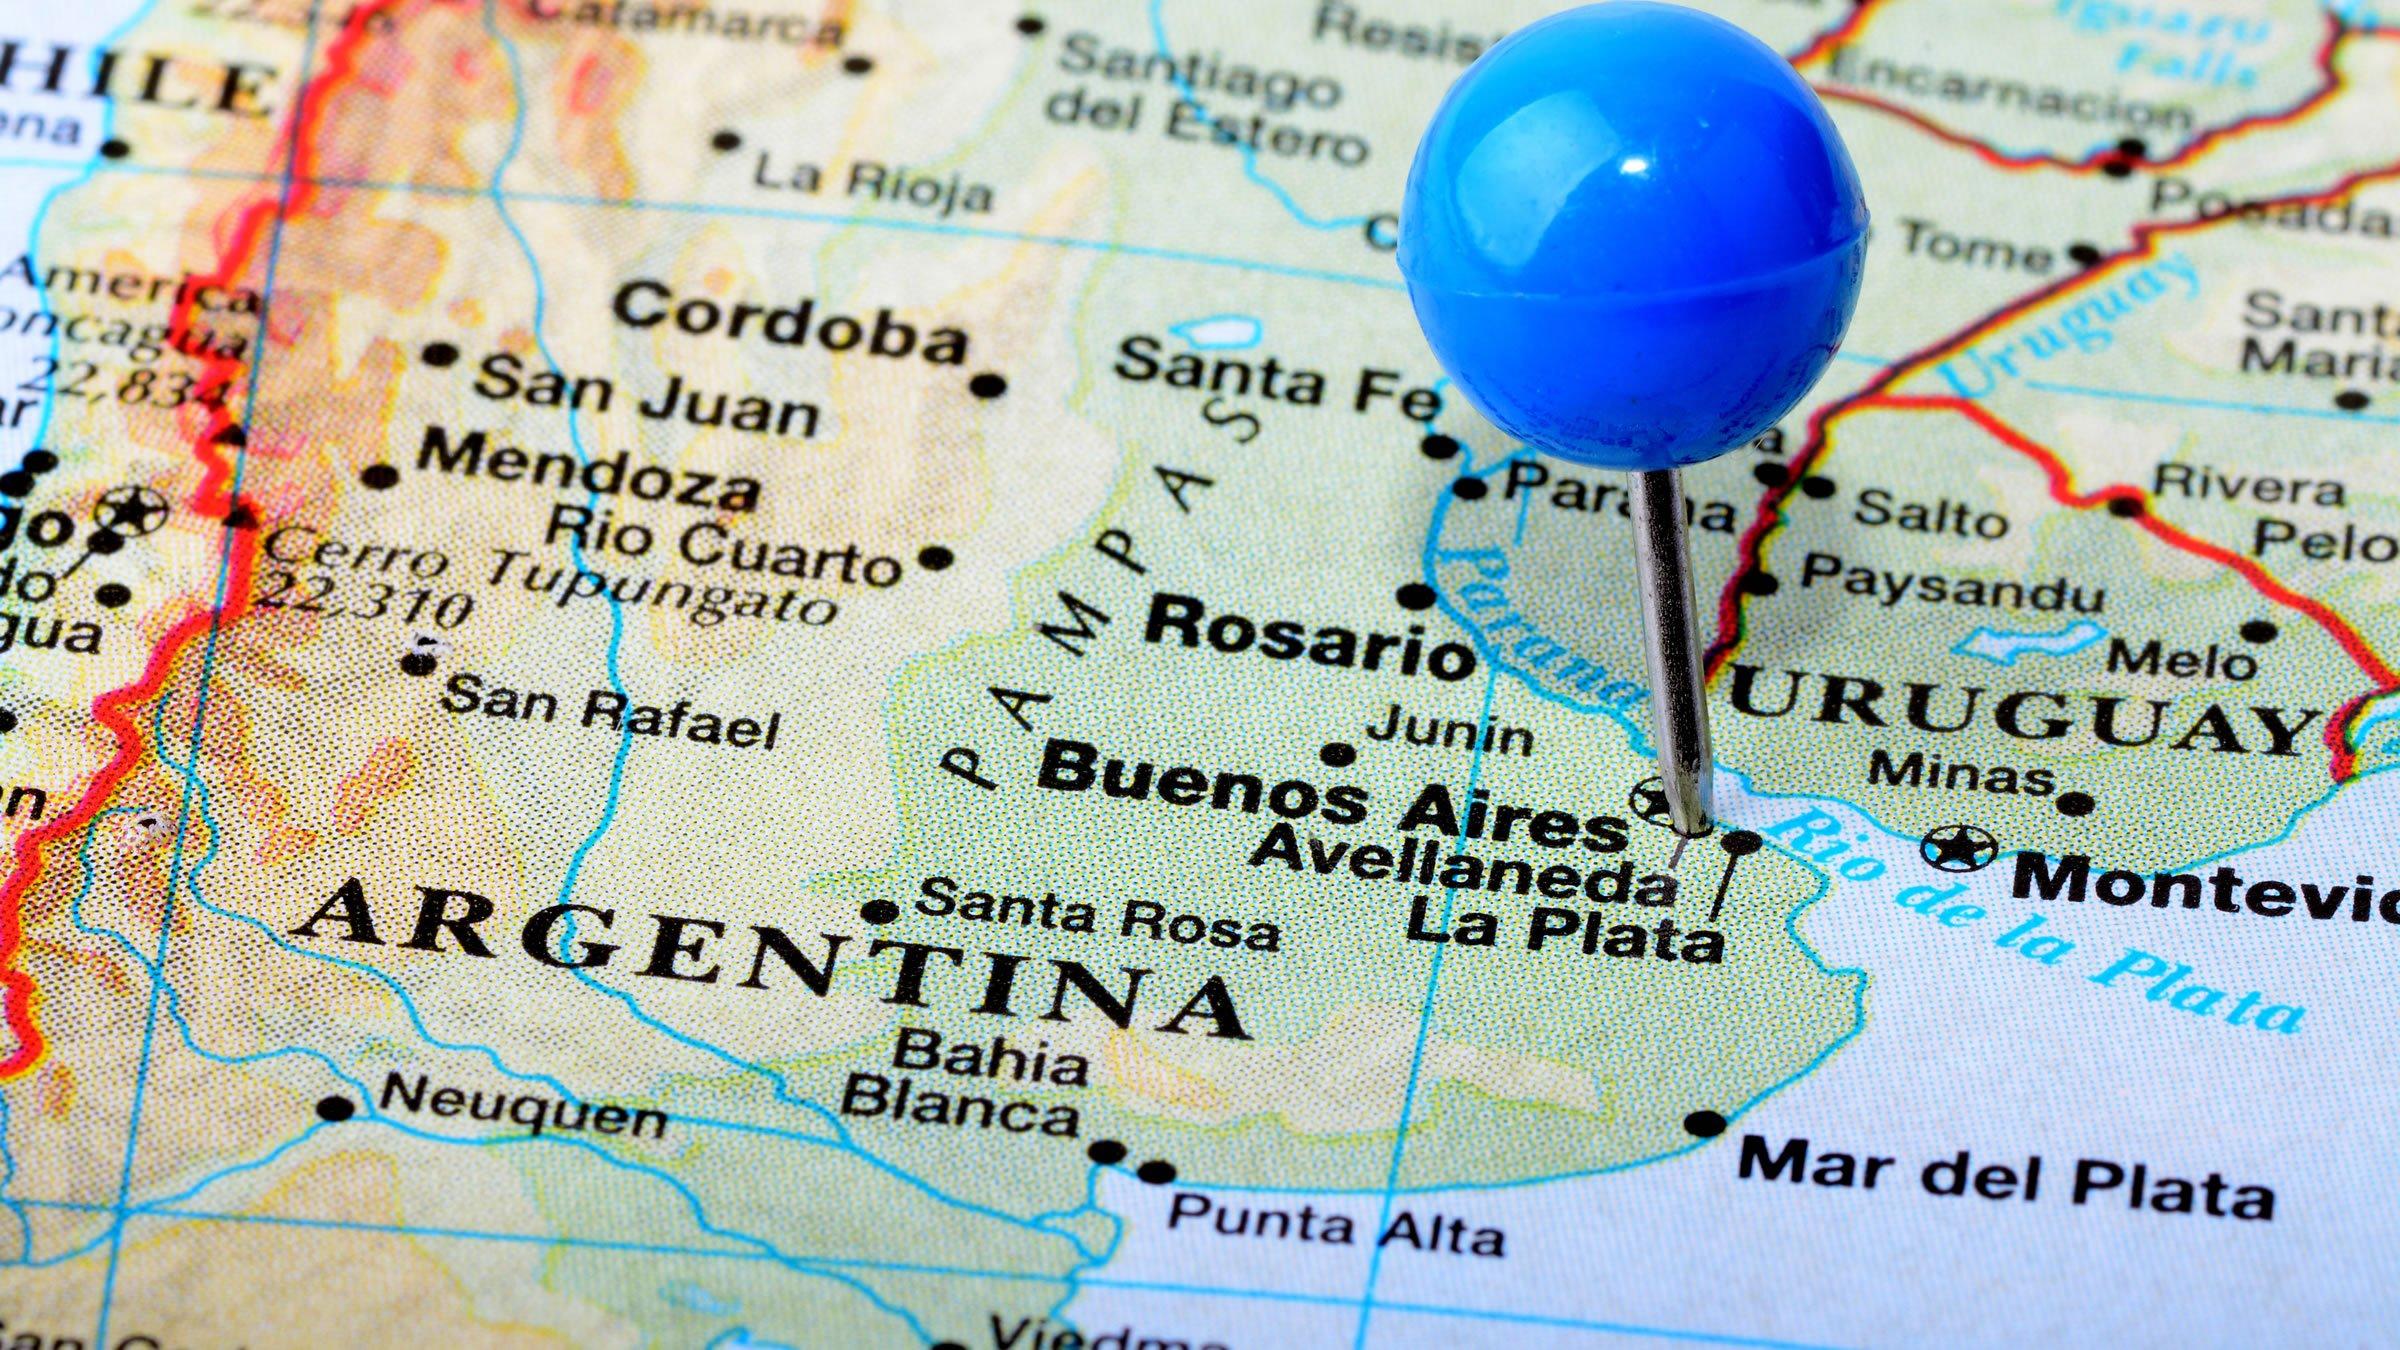 Es necesario visado para viajar a argentina - Viaje de novios espana ...